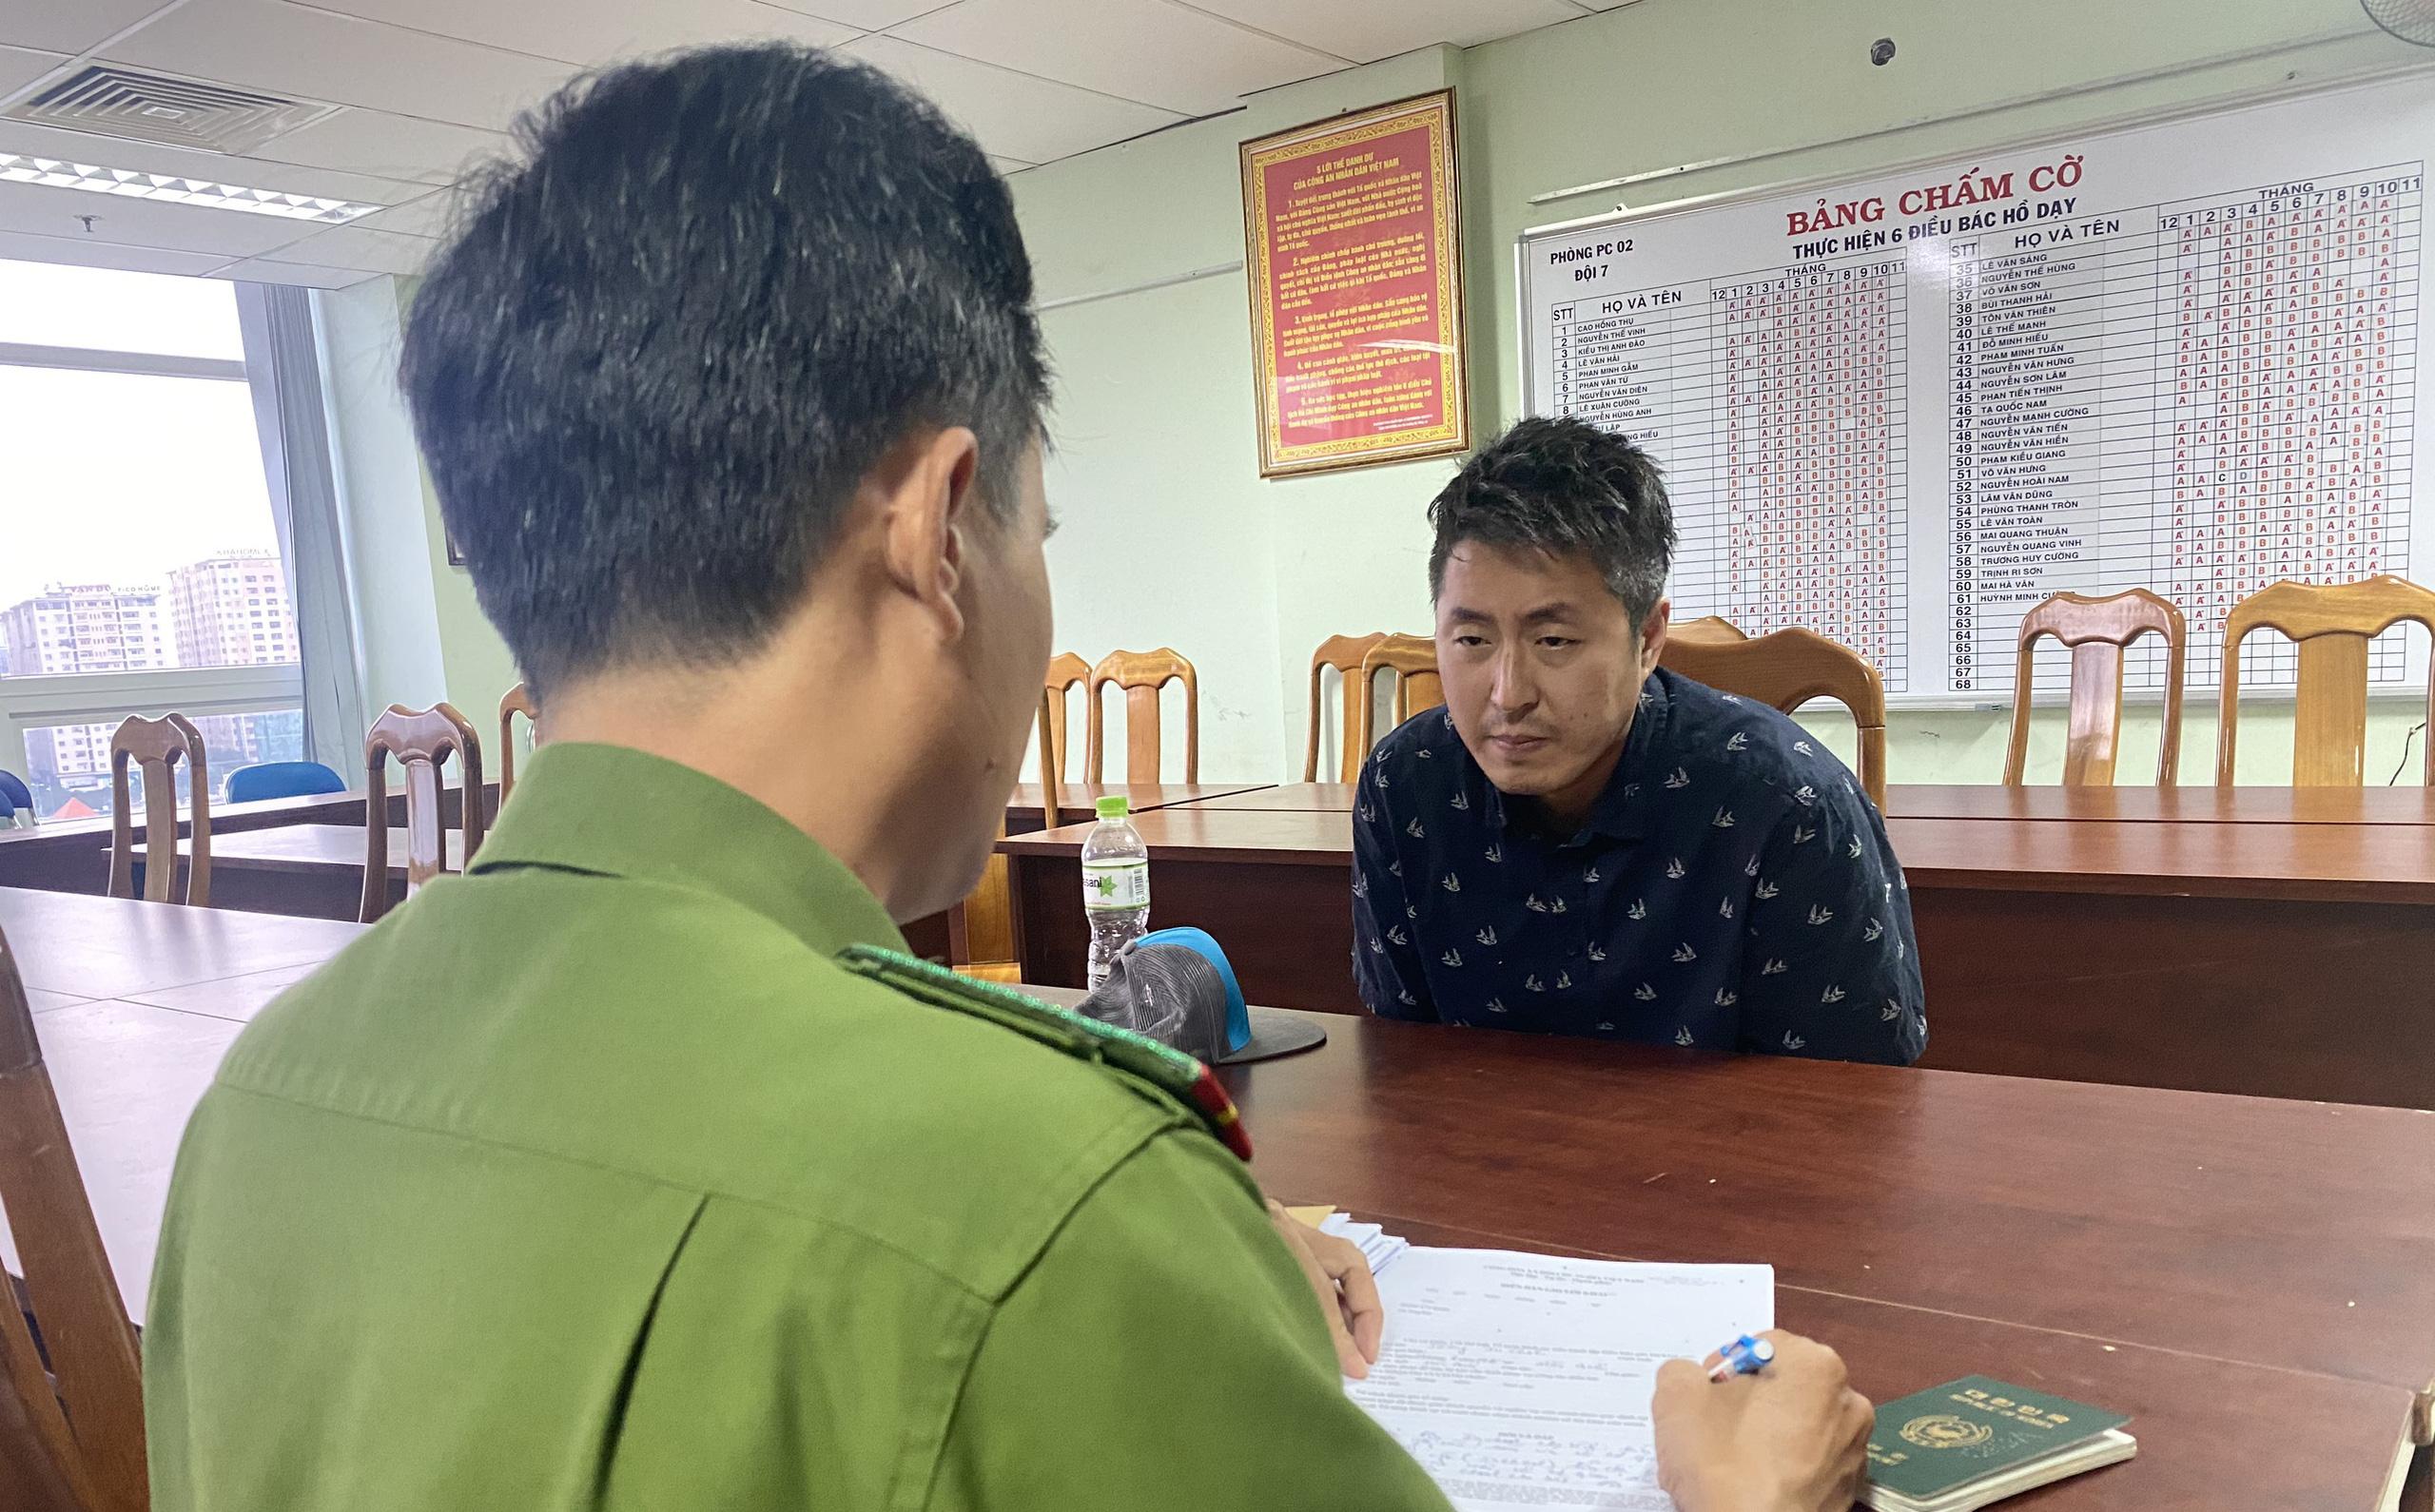 Gia hạn tạm giữ giám đốc người Hàn Quốc giết đồng hương rồi phân xác nạn nhân ở Sài Gòn